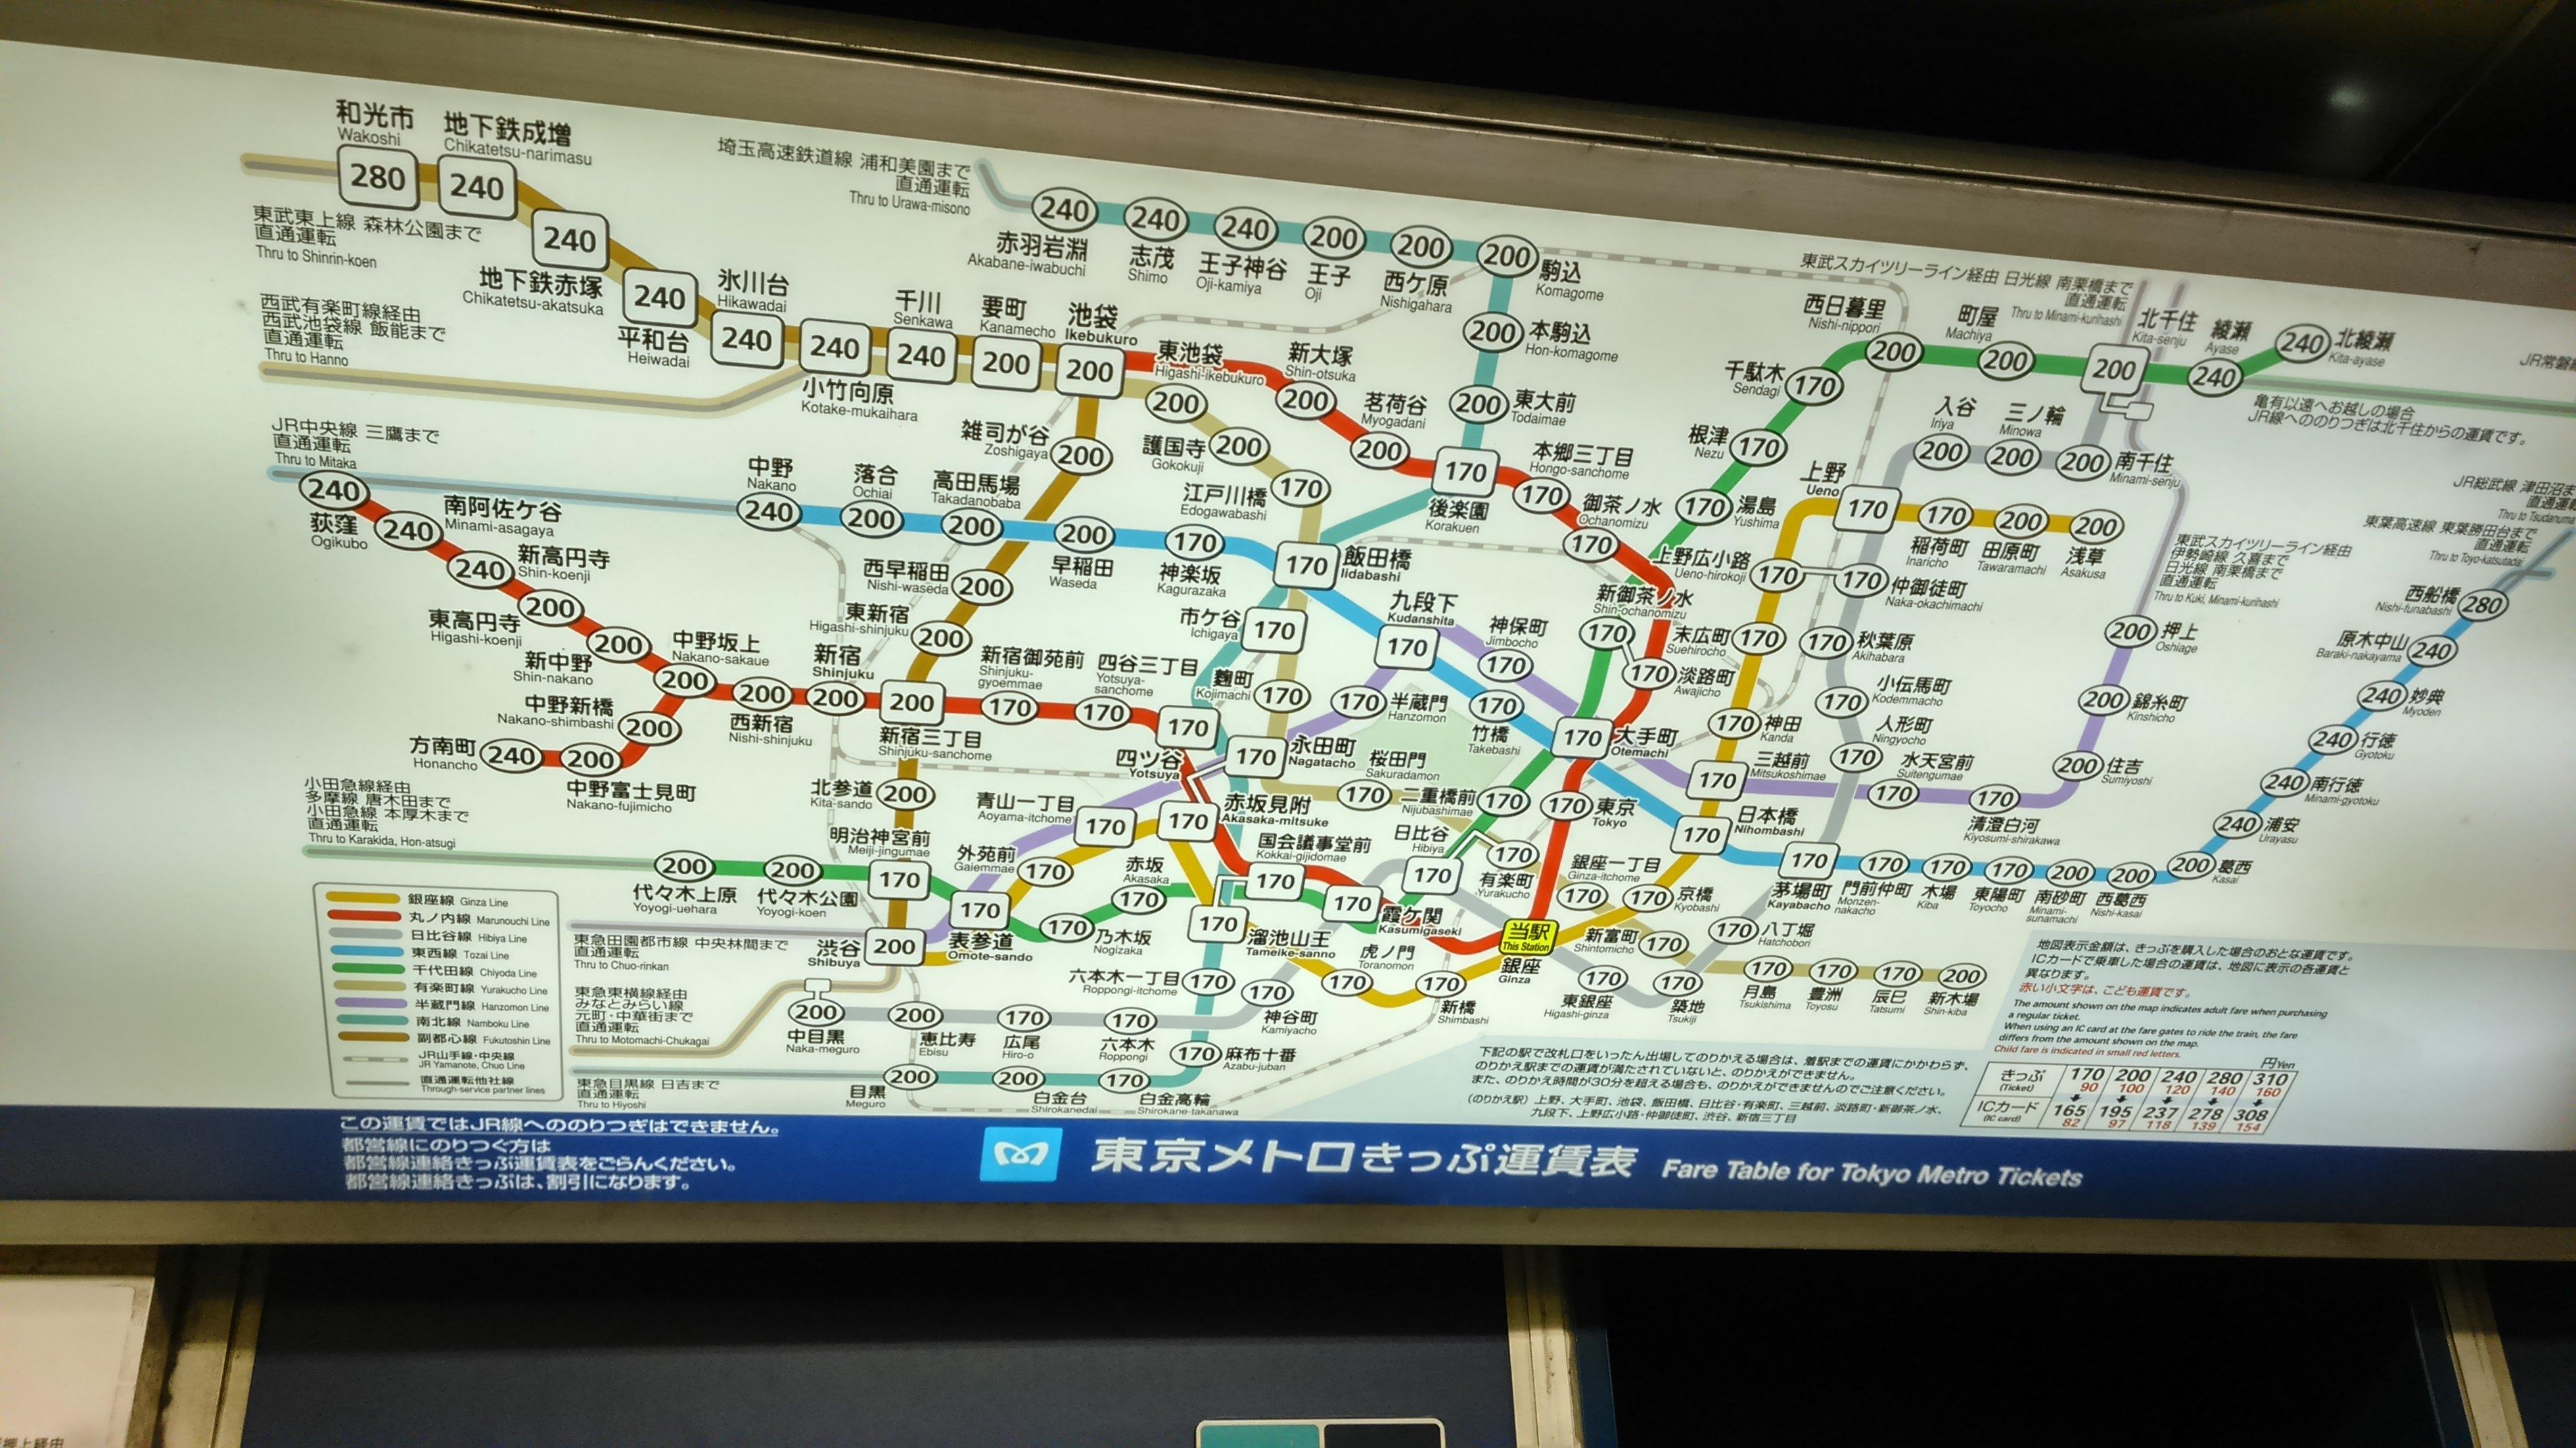 东京地铁路线图,和伦敦巴黎的有一拼